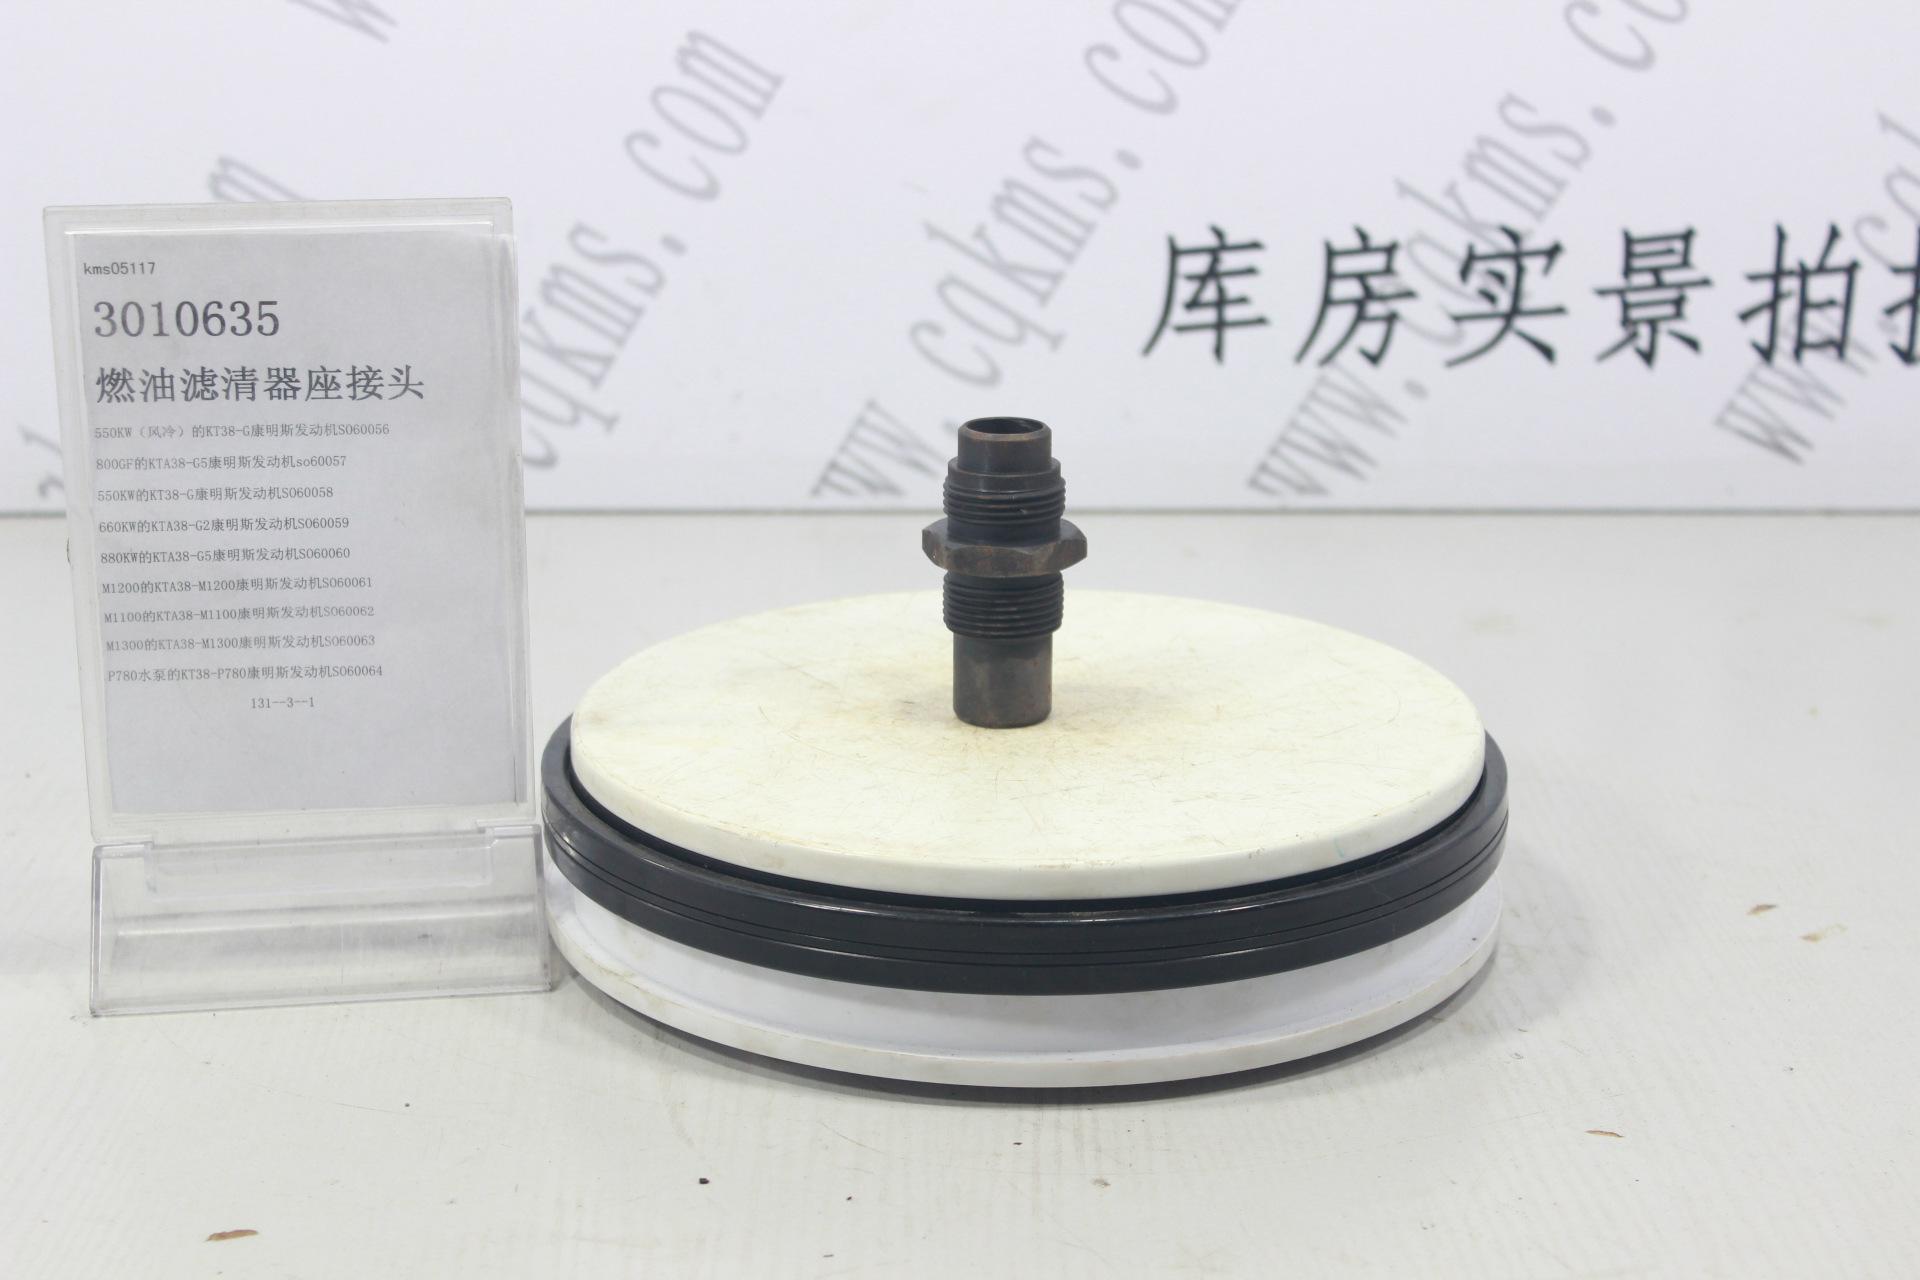 kms05117-3010635-燃油滤清器座接头-用于k38康明斯发动机-k38-参考规格长7.7*内径1.9CM-参考重量250-250图片4